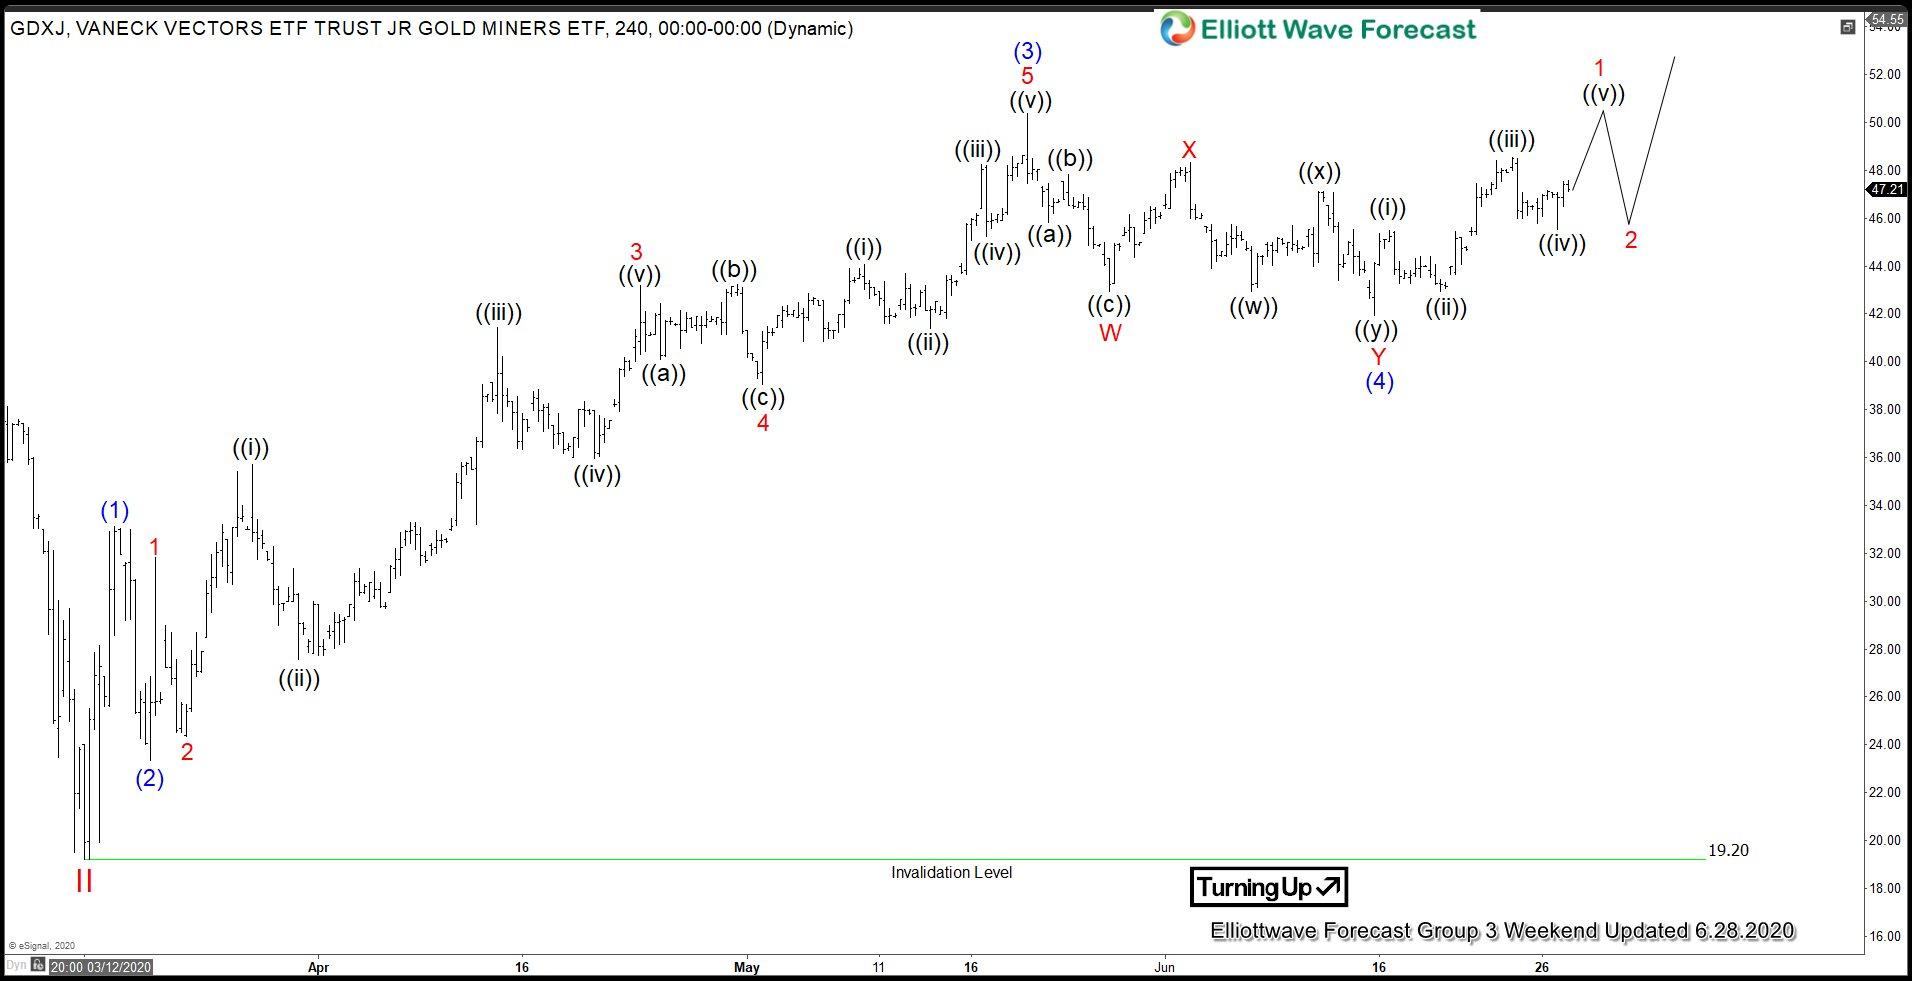 GDXJ 4 hour Elliott Wave chart